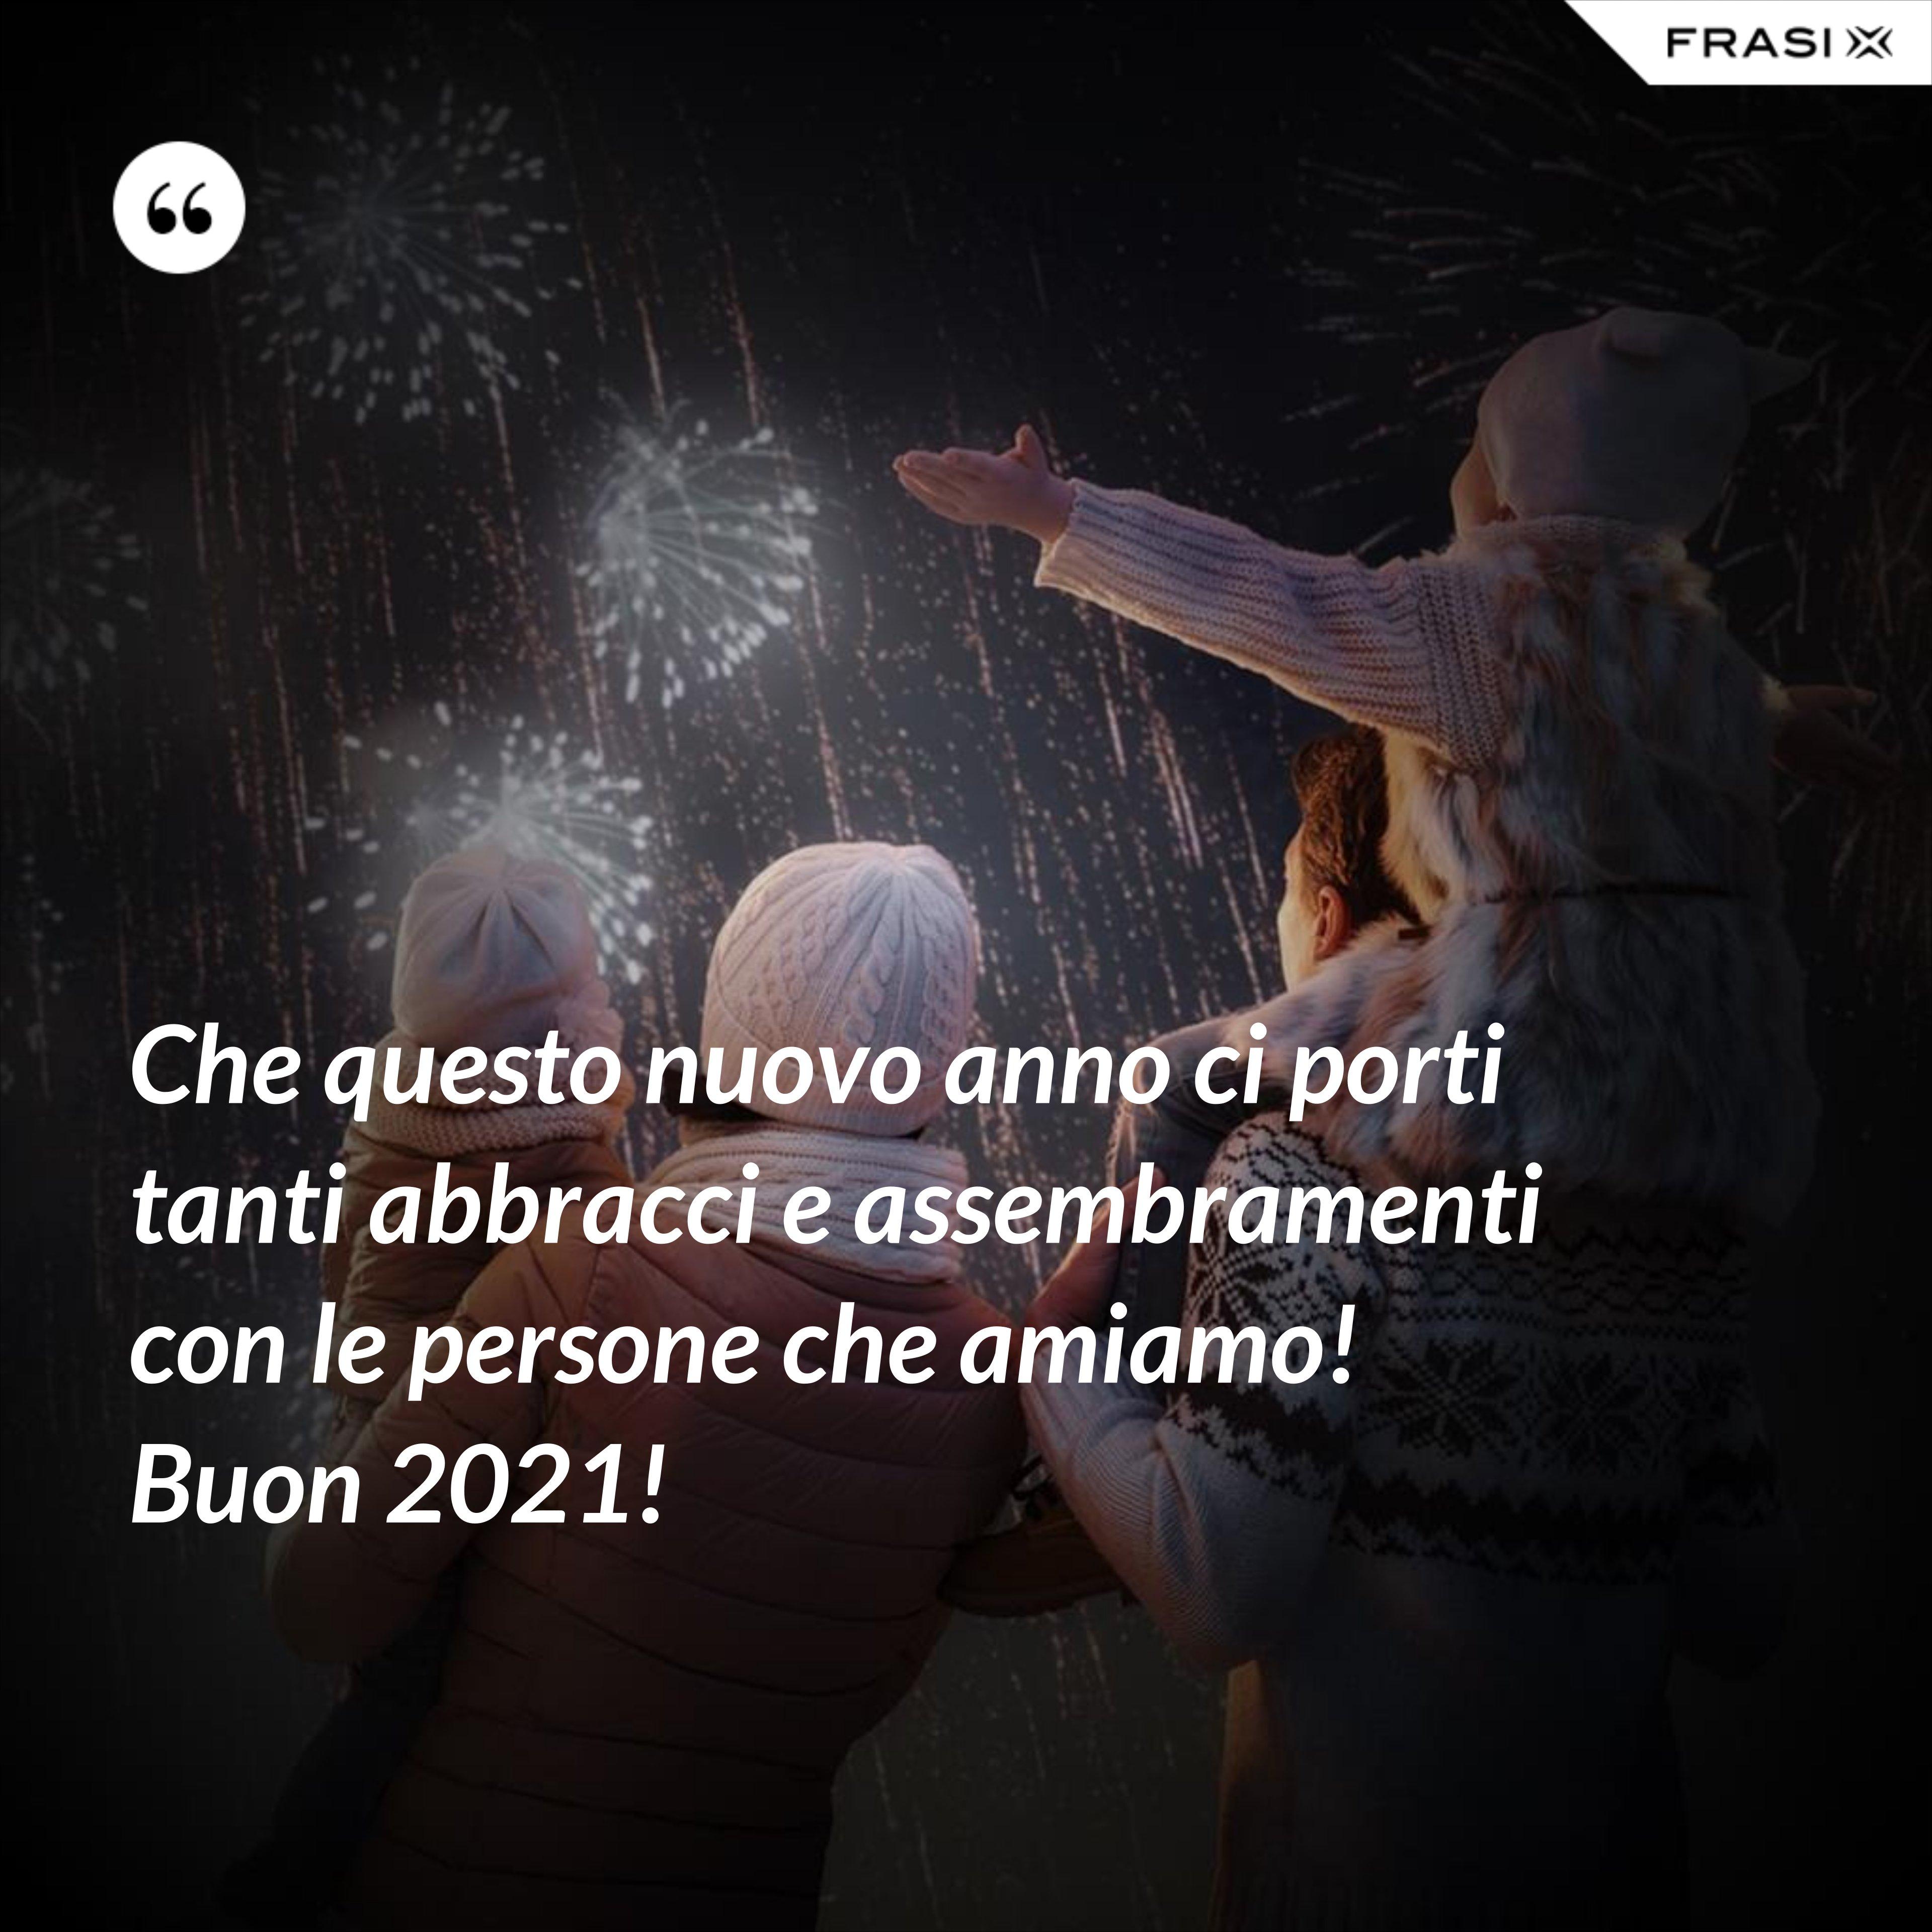 Che questo nuovo anno ci porti tanti abbracci e assembramenti con le persone che amiamo! Buon 2021! - Anonimo